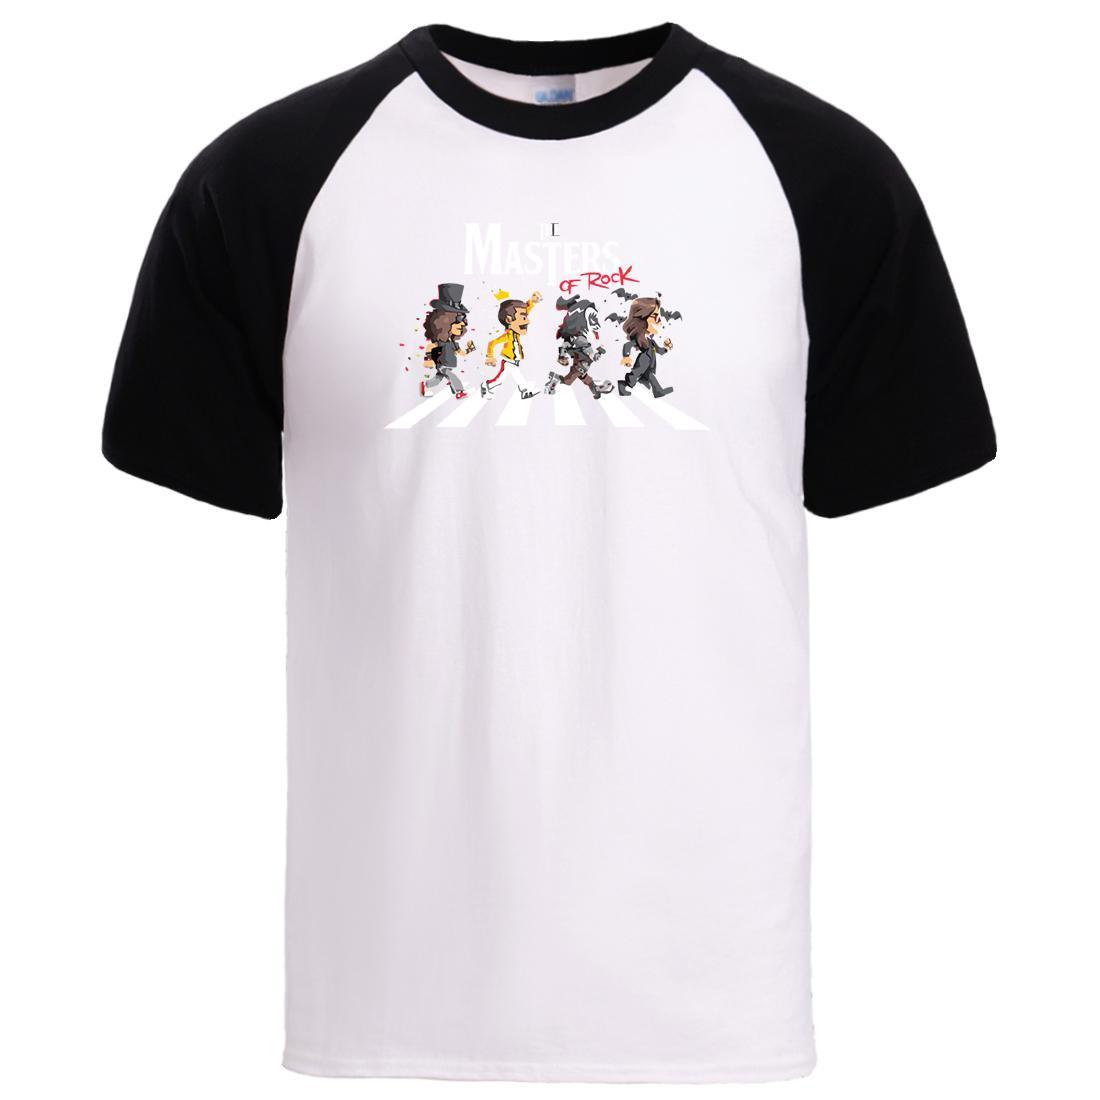 Masters Of Rock Estate magliette 2020 magliette Stampa T Tees Hot Anime Cartoon uomo manica corta in cotone sportivo Raglab Pullover